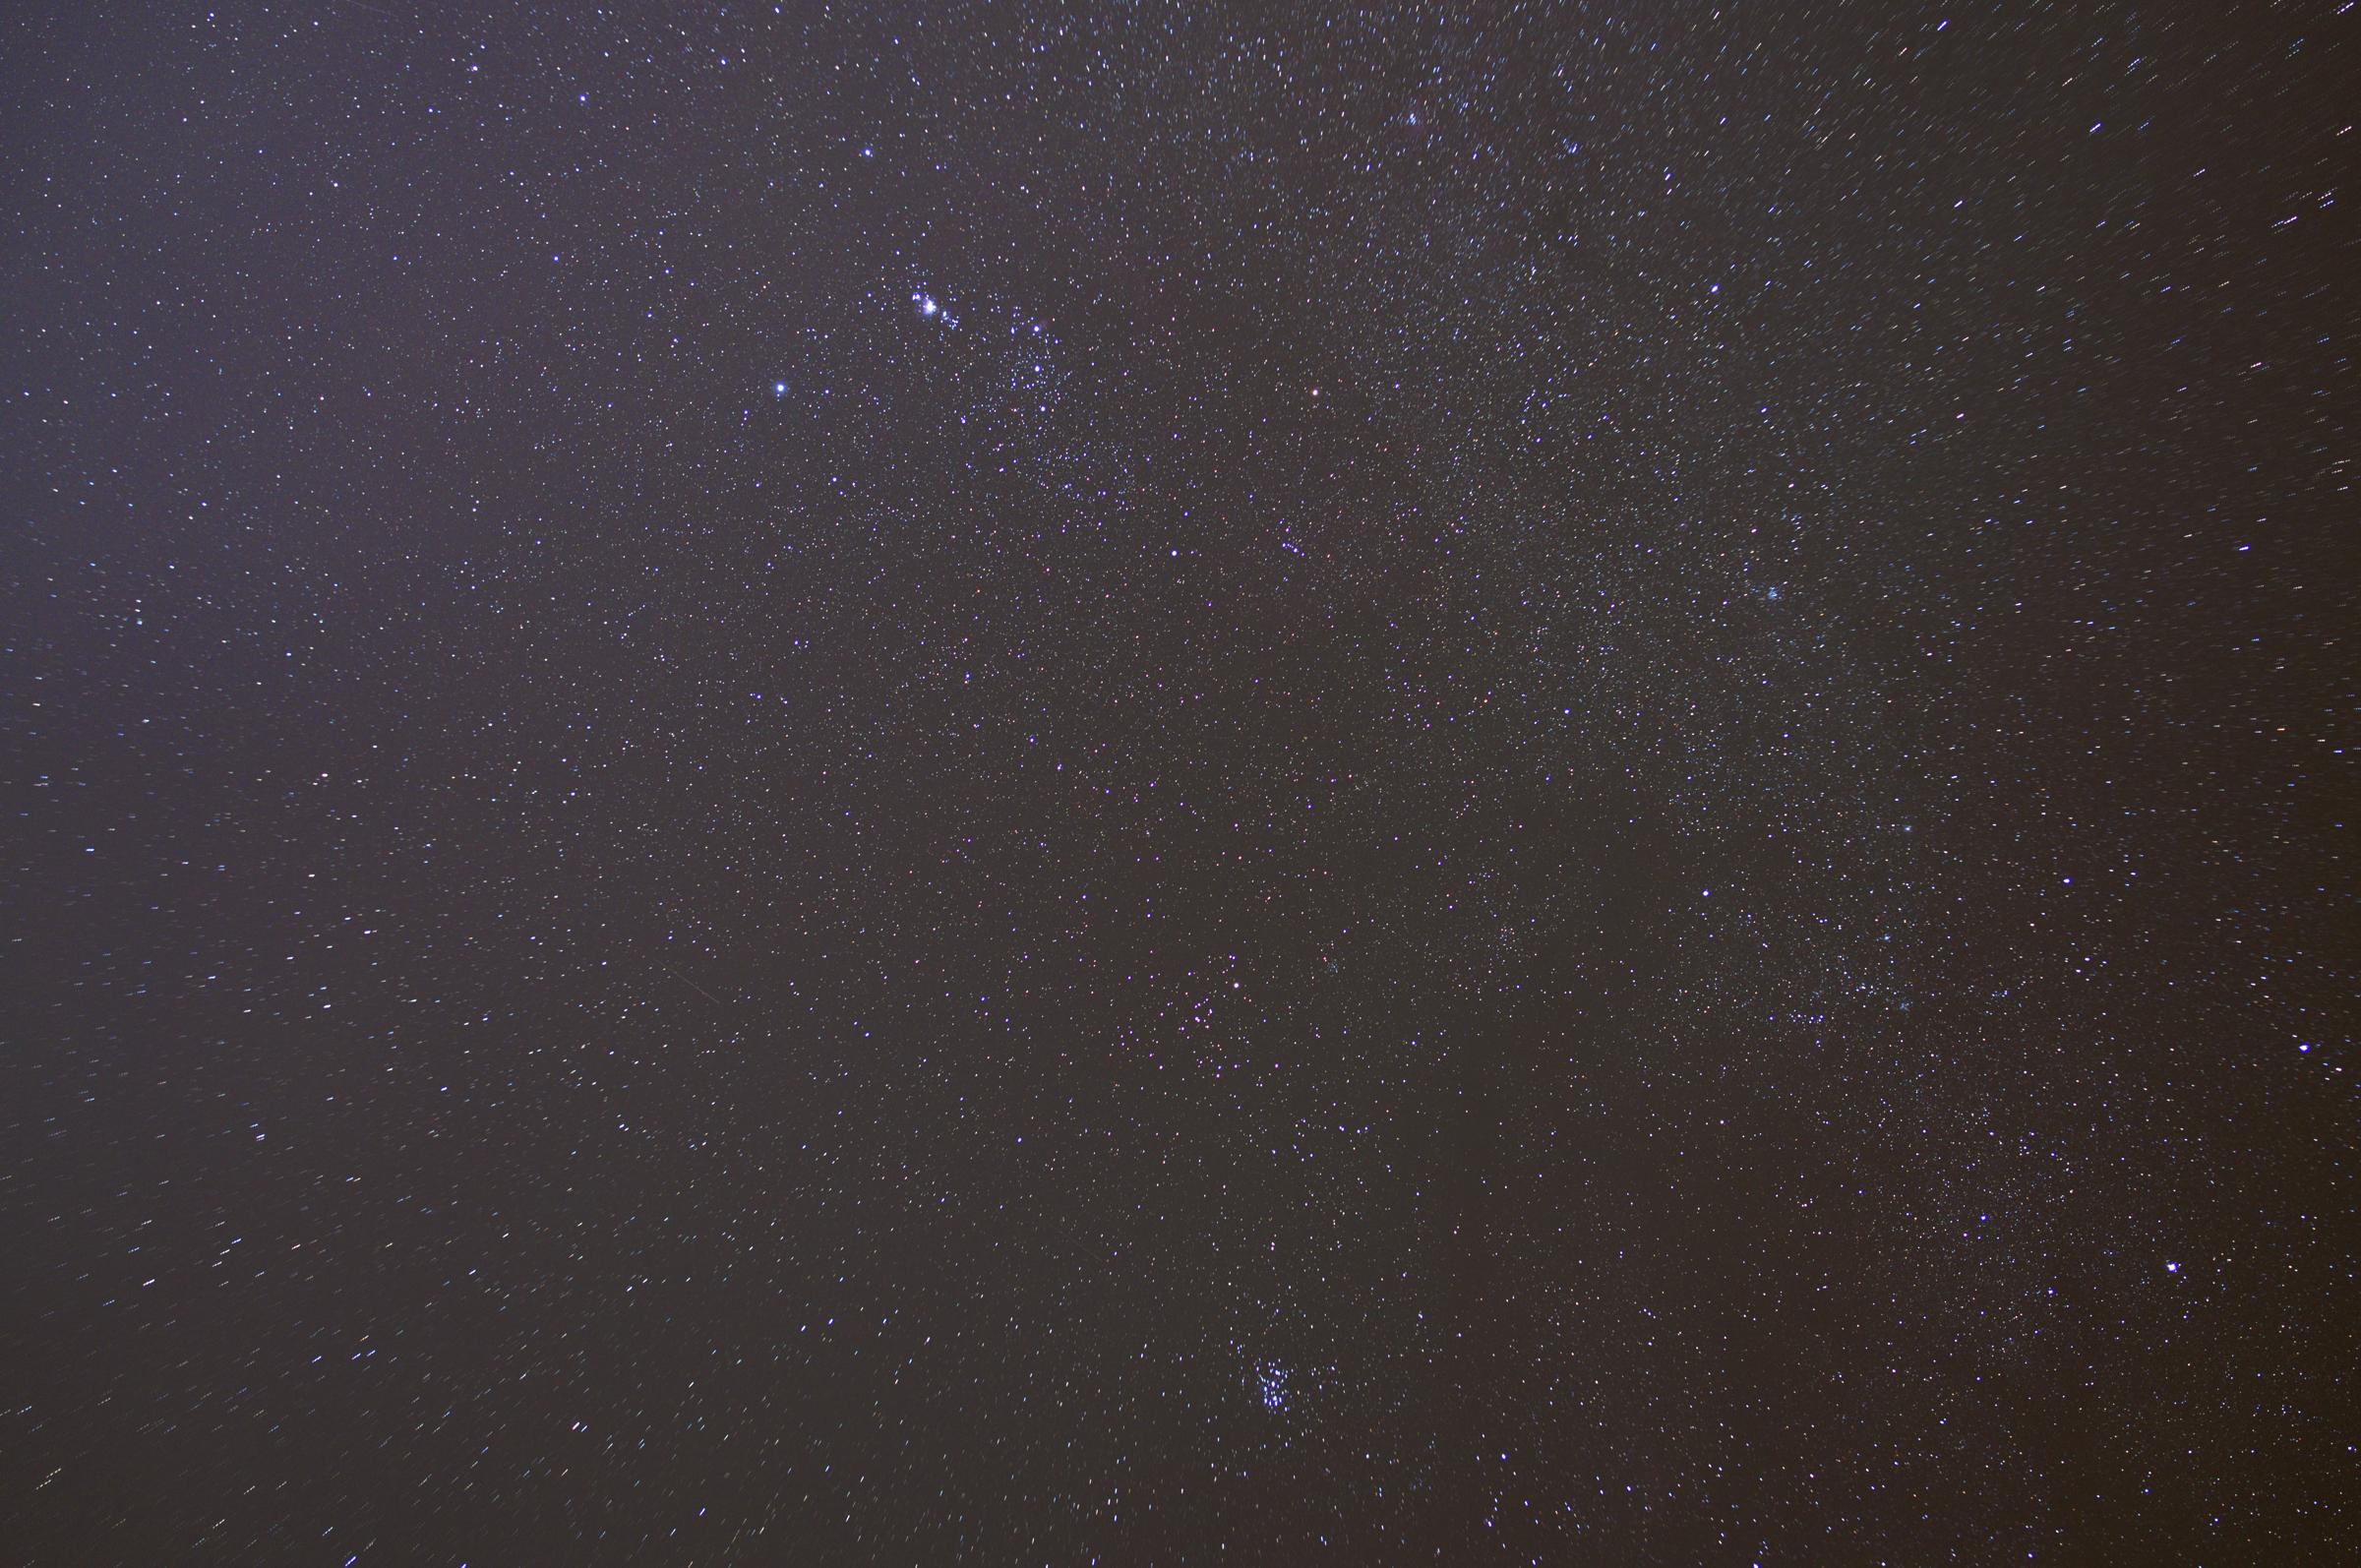 オリオンとアンドロメダ大星雲